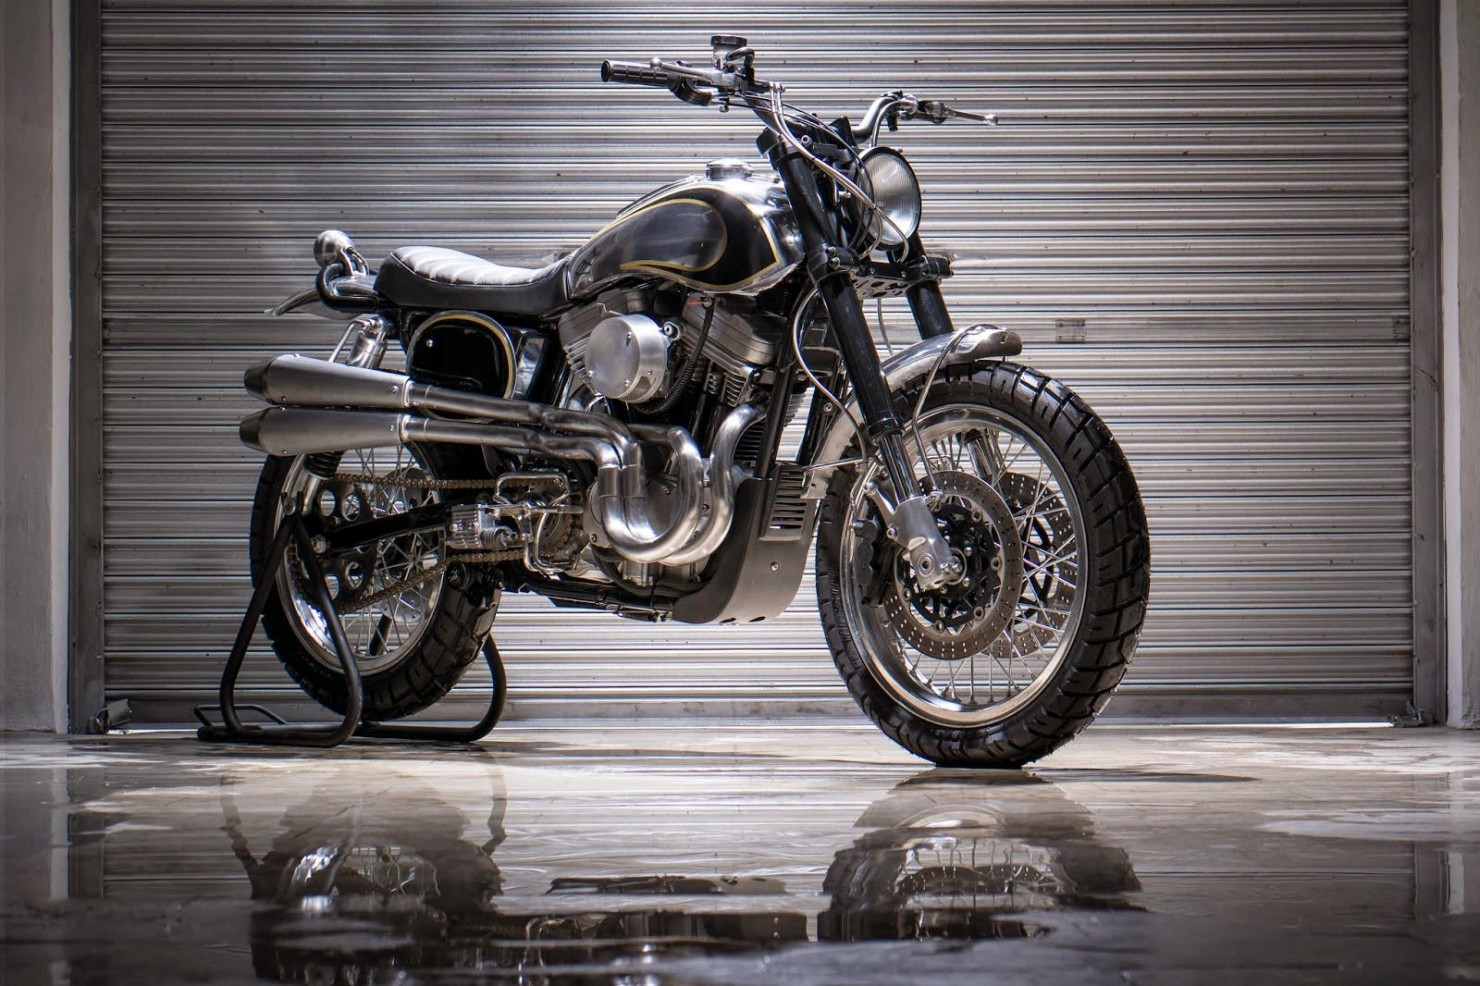 Harley-Davidson-Scrambler-Motorcycle-17